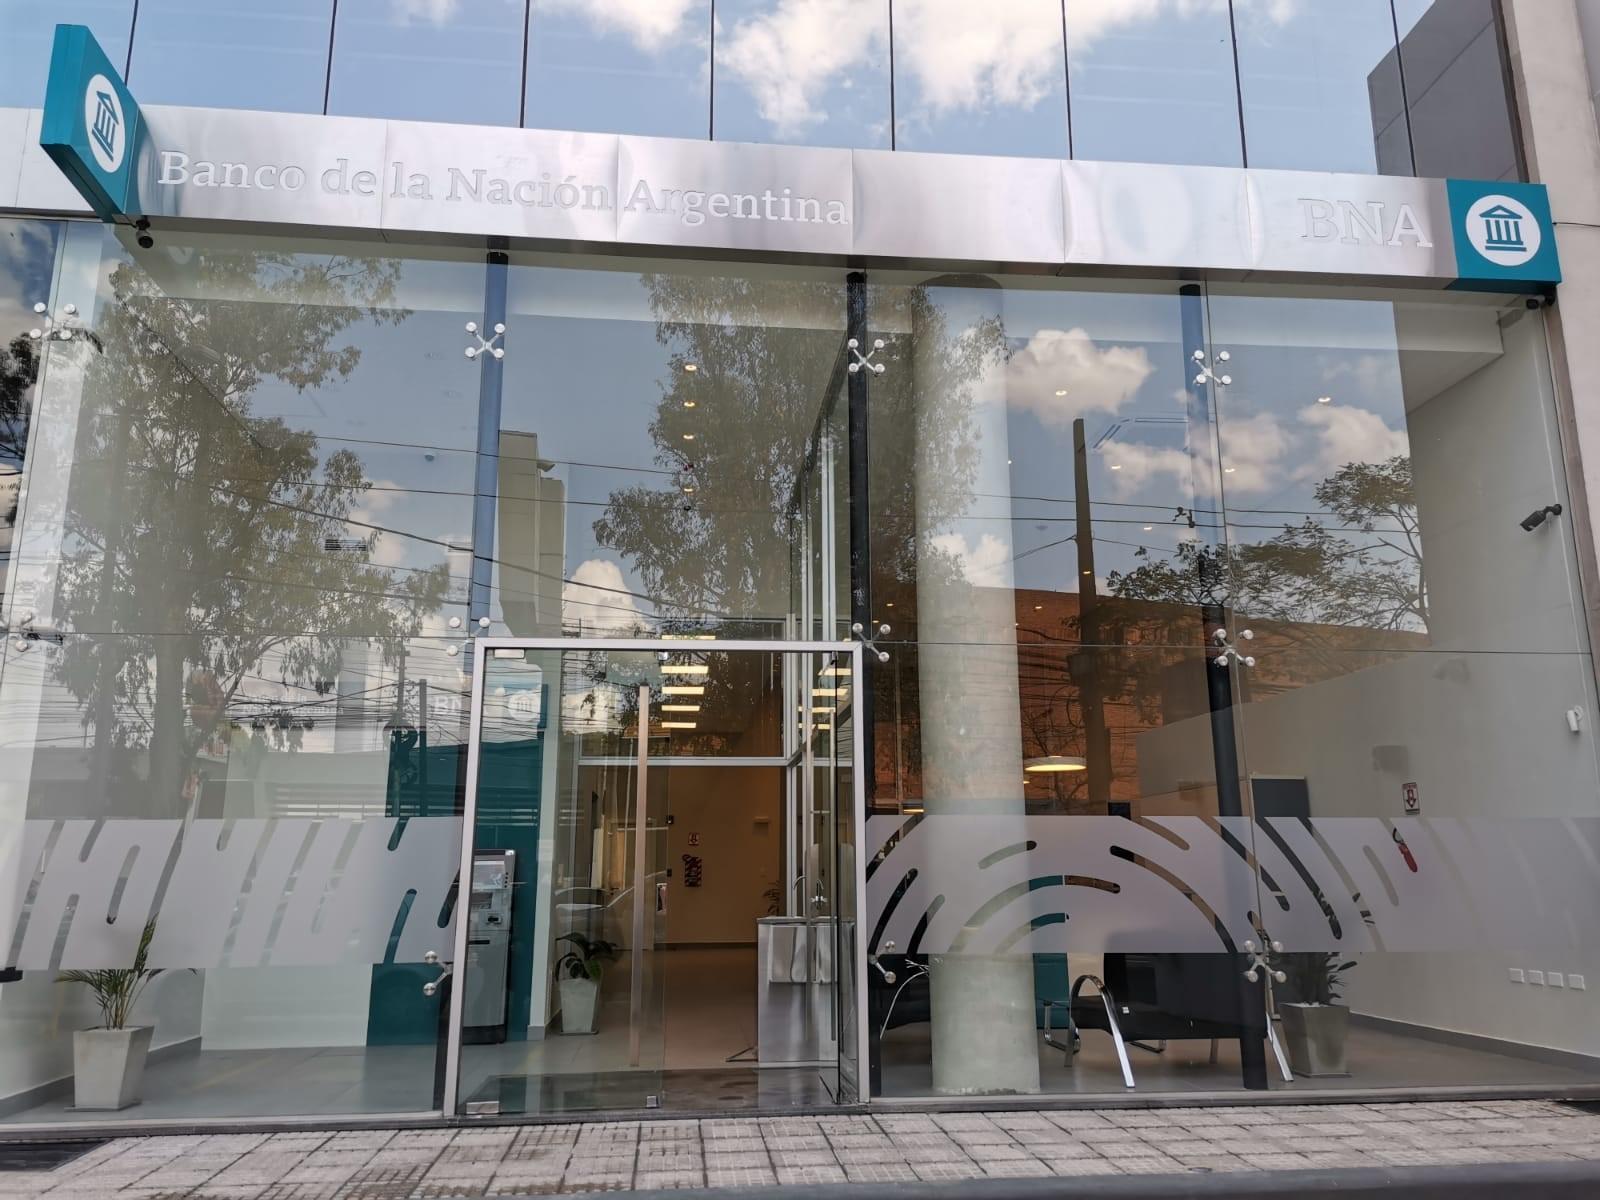 Banco Nación abrió una nueva sucursal en Asunción(Paraguay).